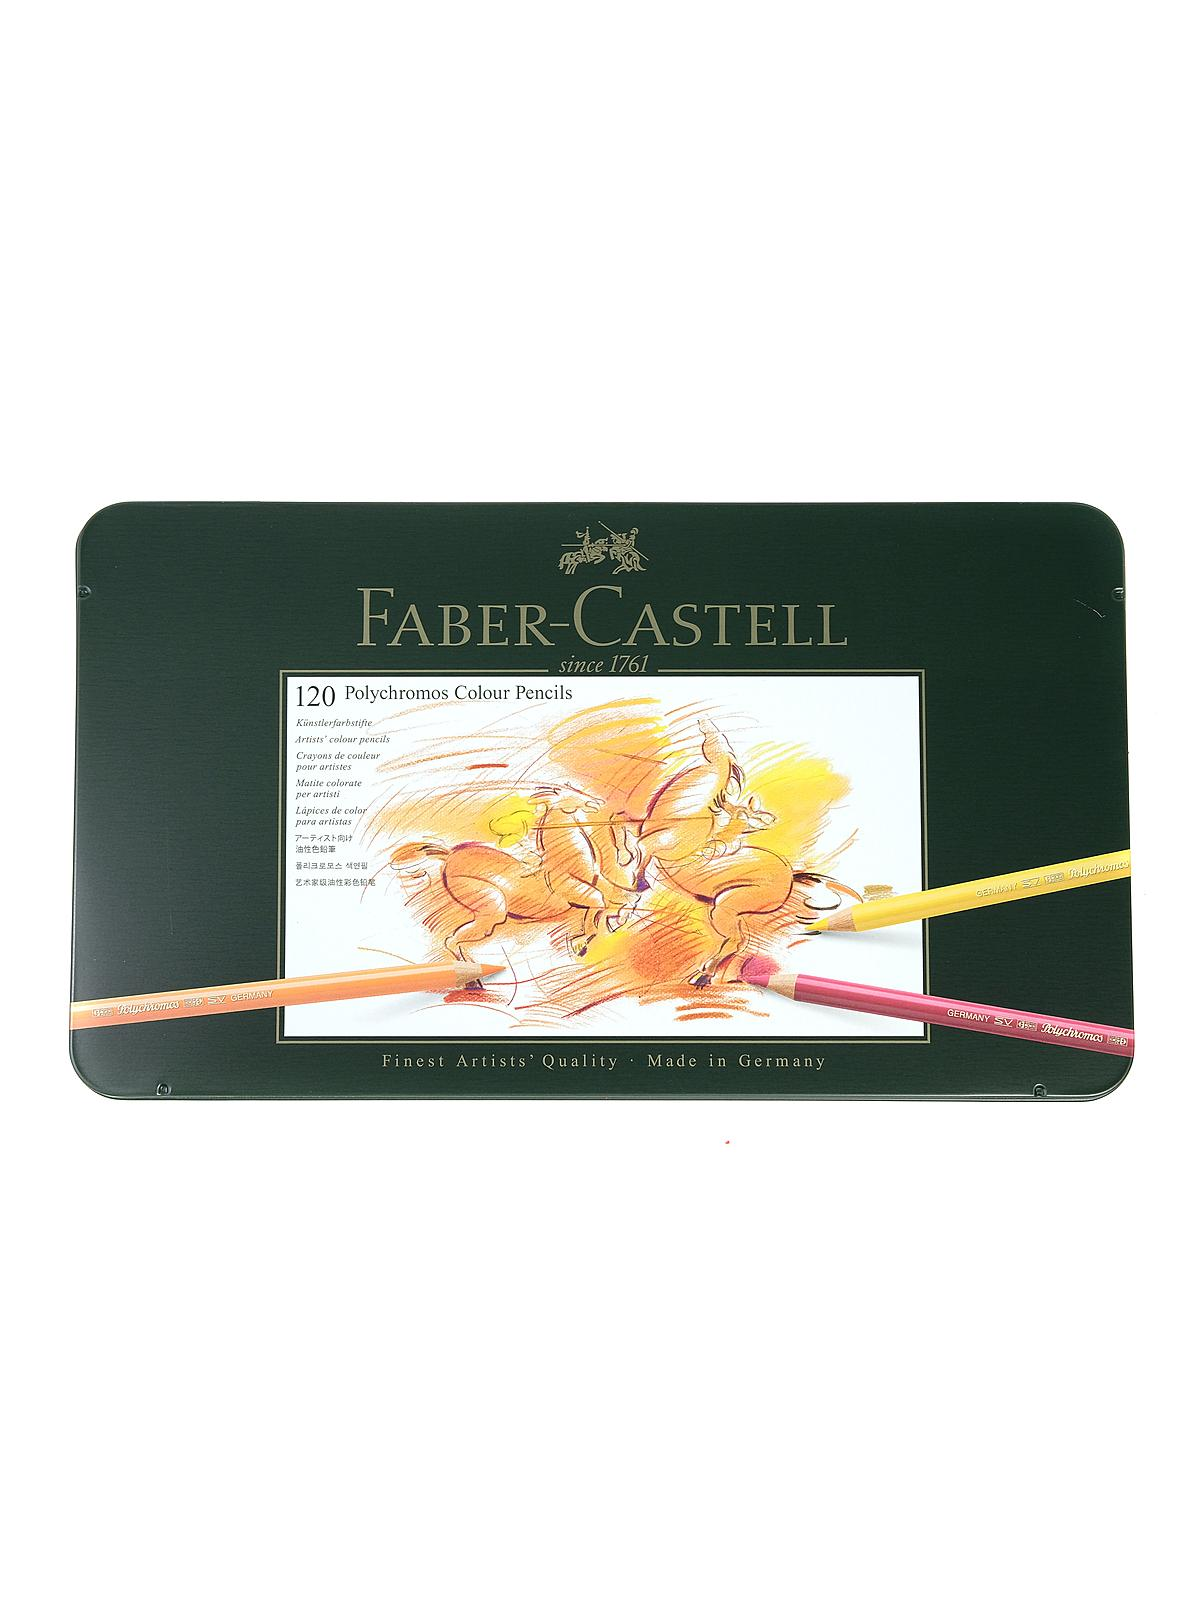 Faber-Castell Polychromos Colored Pencil Sets | MisterArt.com